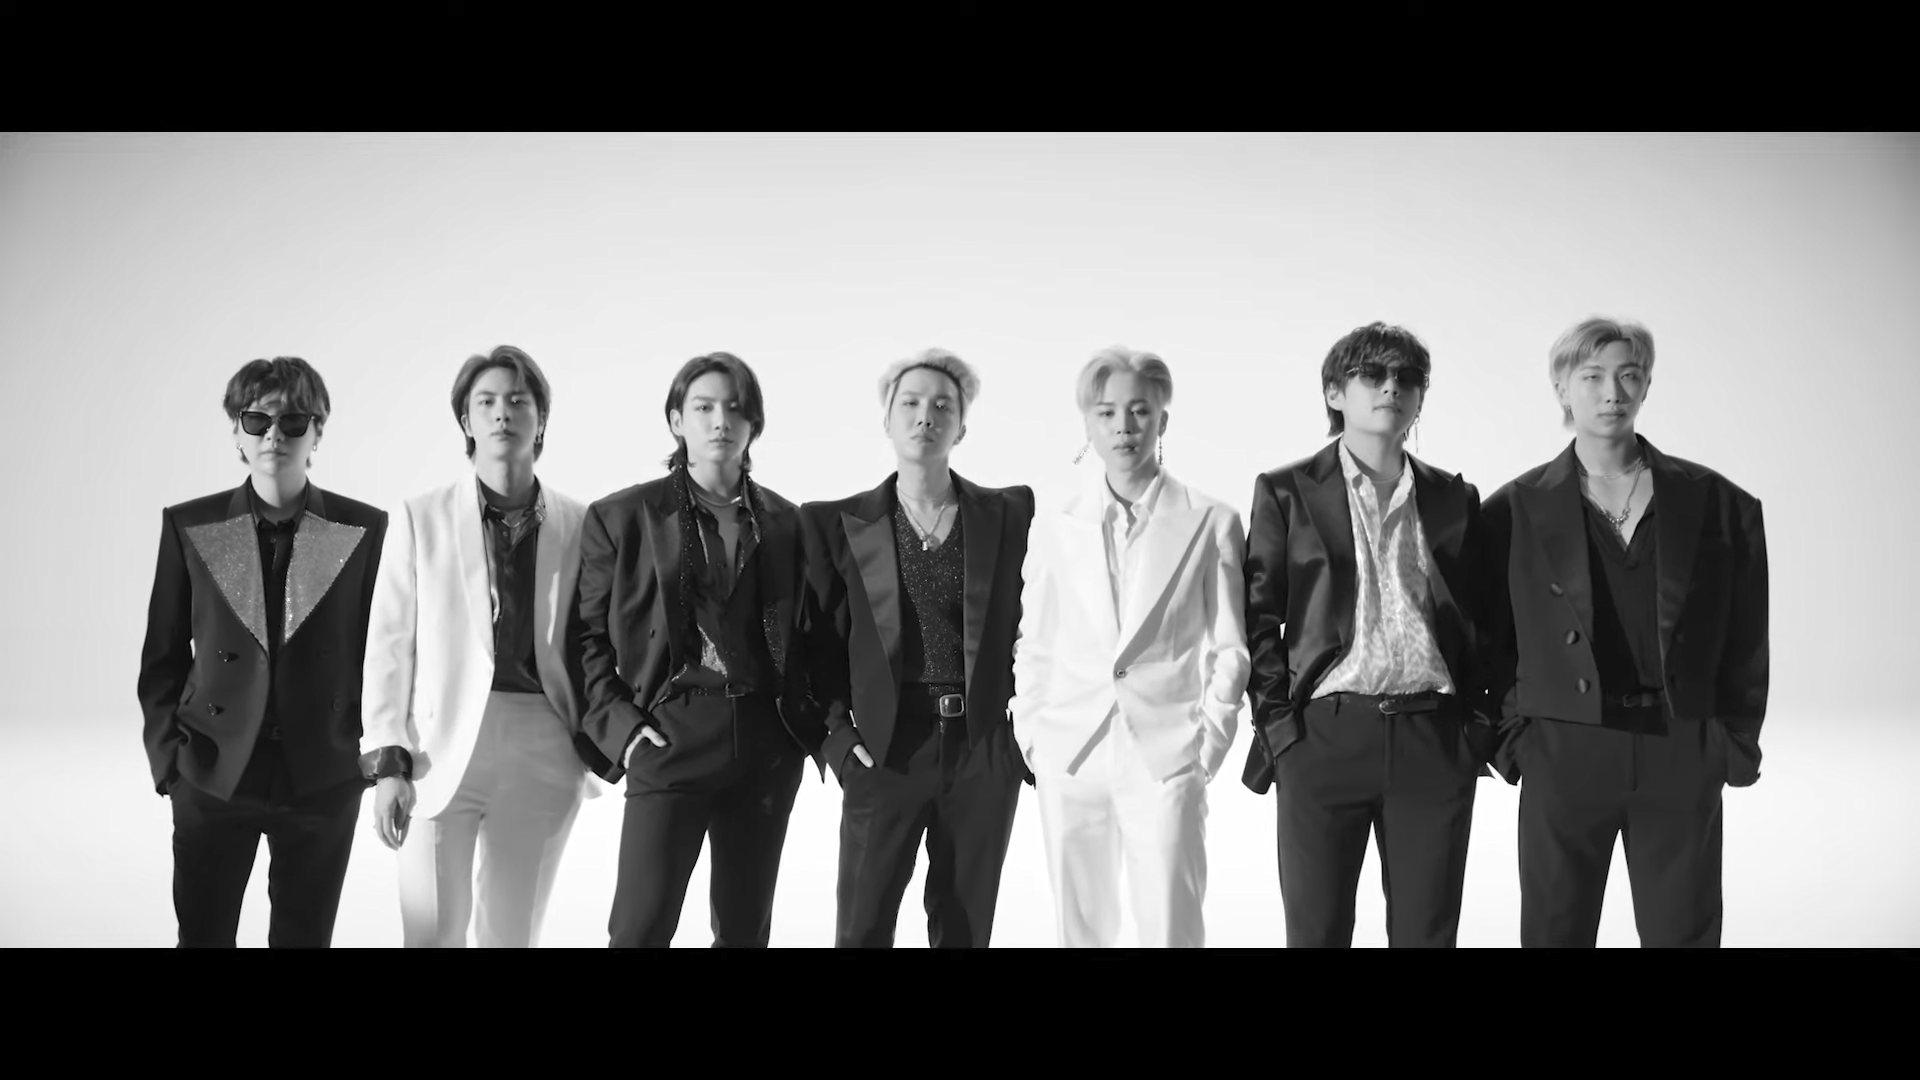 BTS Butter MV Teaser Released   K Pop Database / dbkpop.com